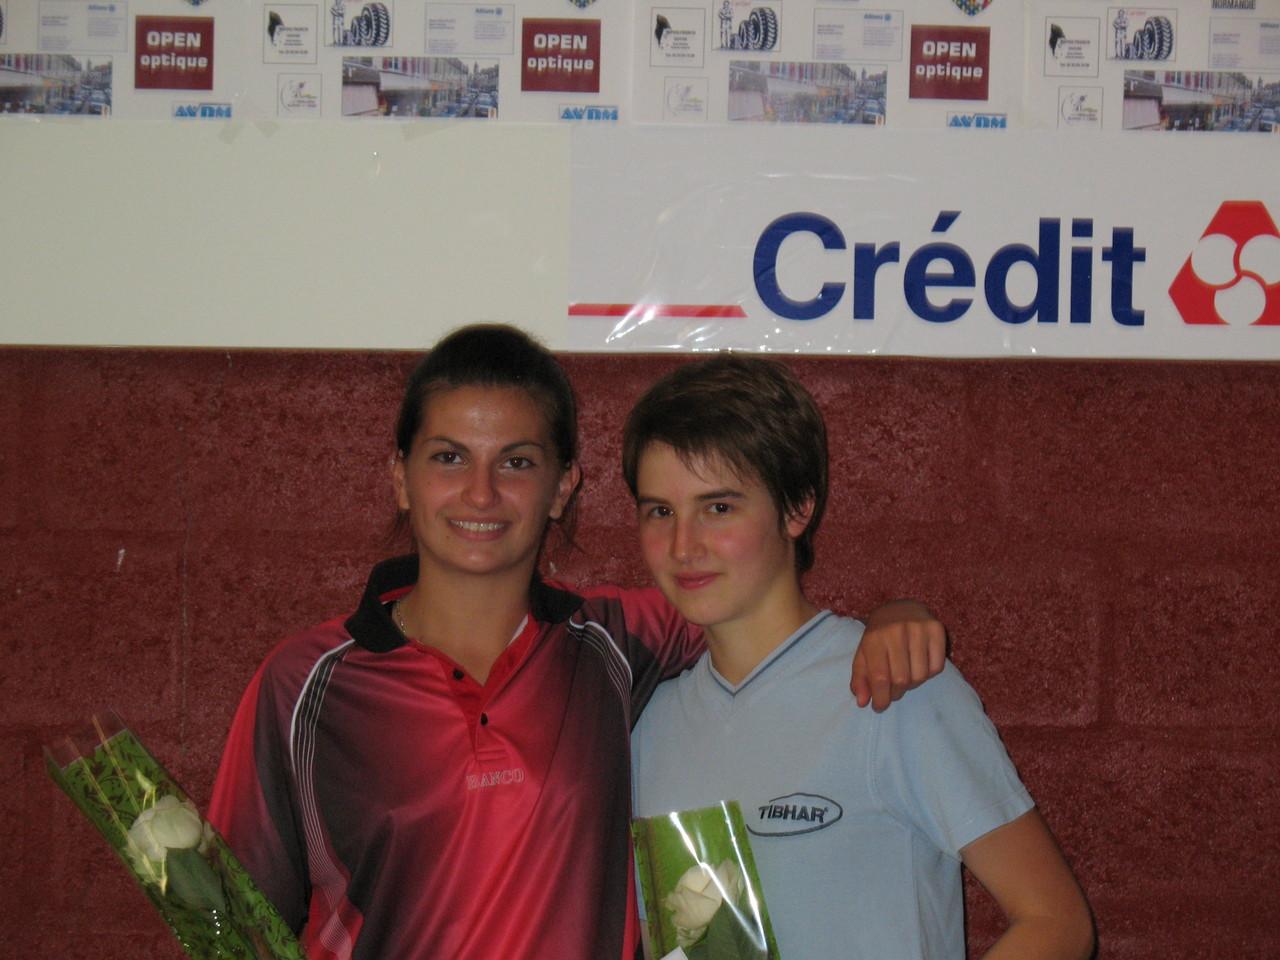 Tableau Dames. Mathilde Martin, vainqueur (à gauche) et Pauline REBIARD